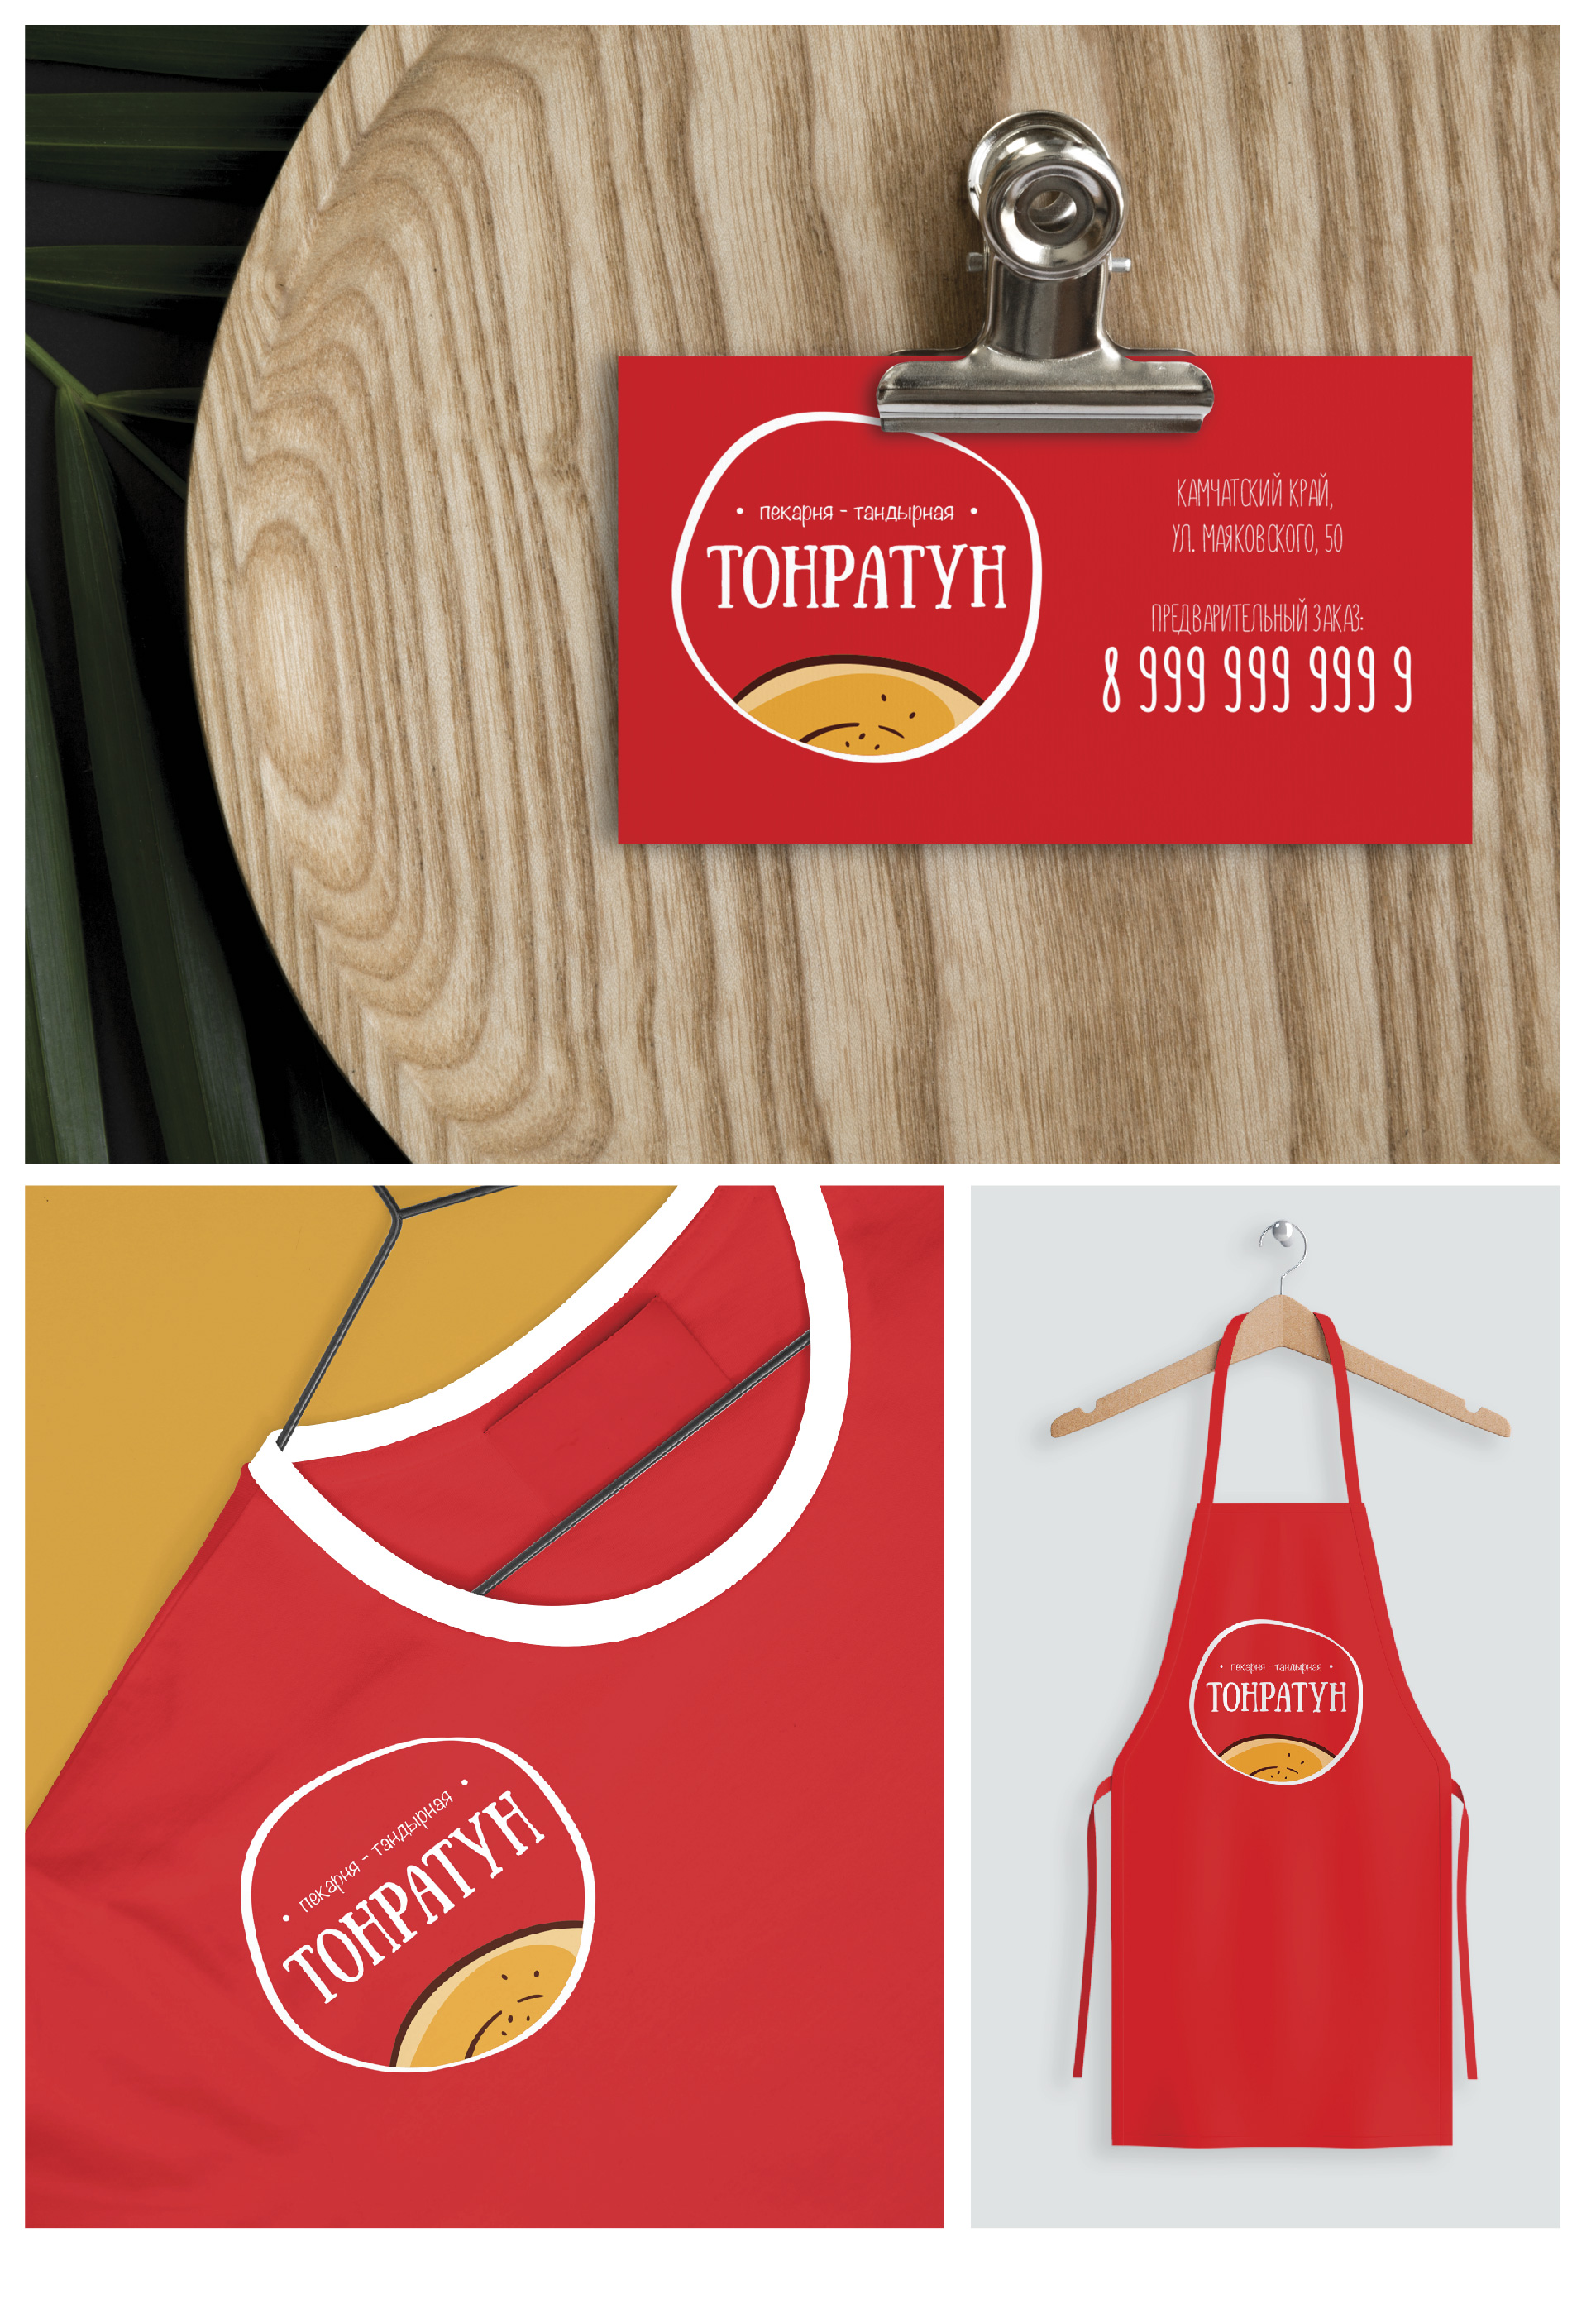 Логотип для Пекарни-Тандырной  фото f_8755d901e9d53b69.jpg